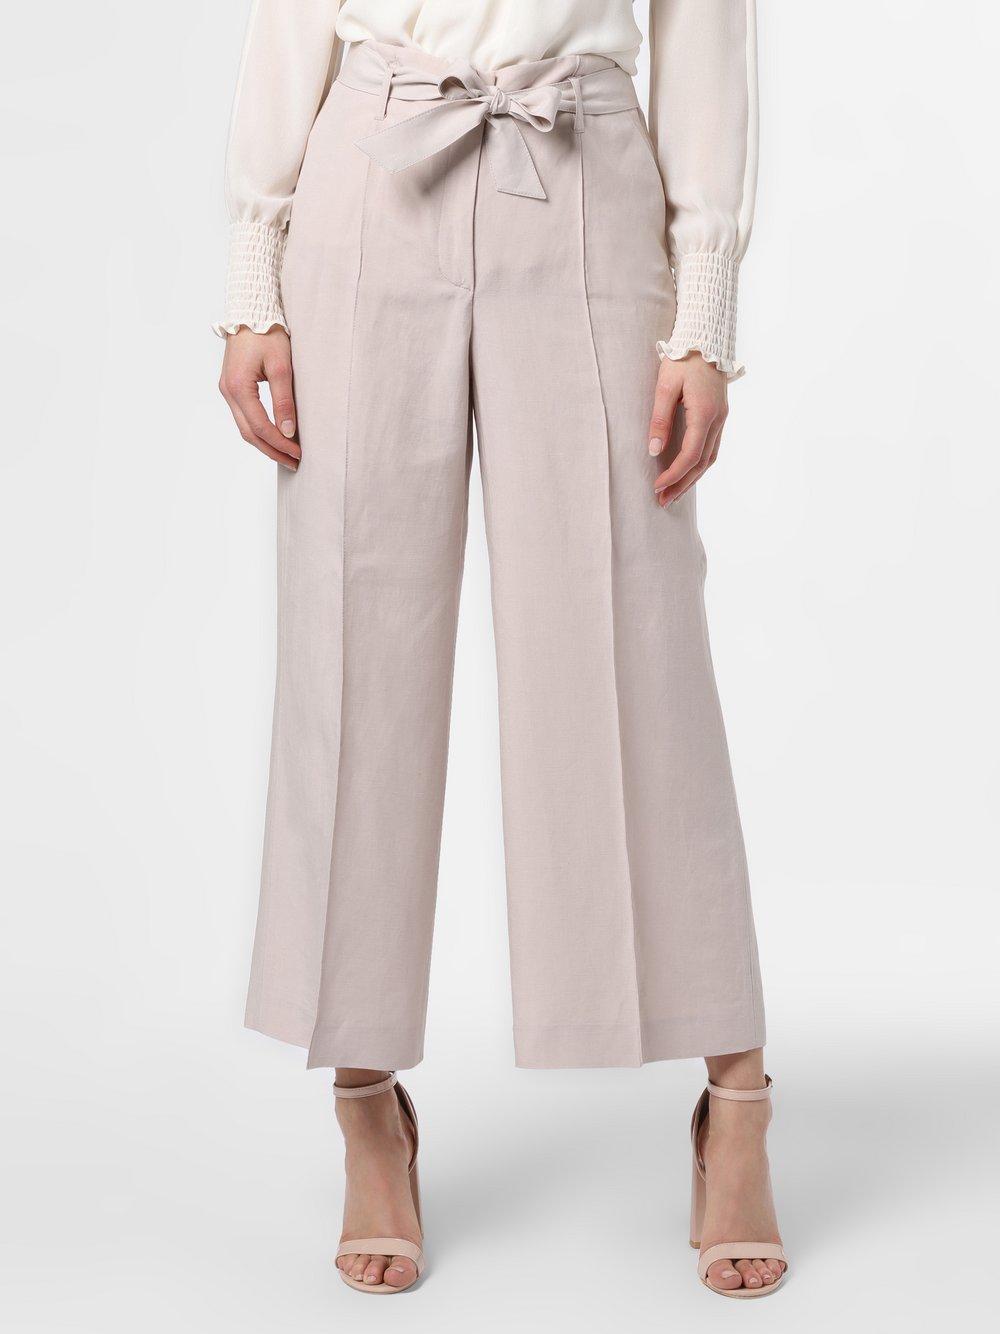 RAFFAELLO ROSSI – Spodnie damskie z dodatkiem lnu, beżowy Van Graaf 466448-0002-00380